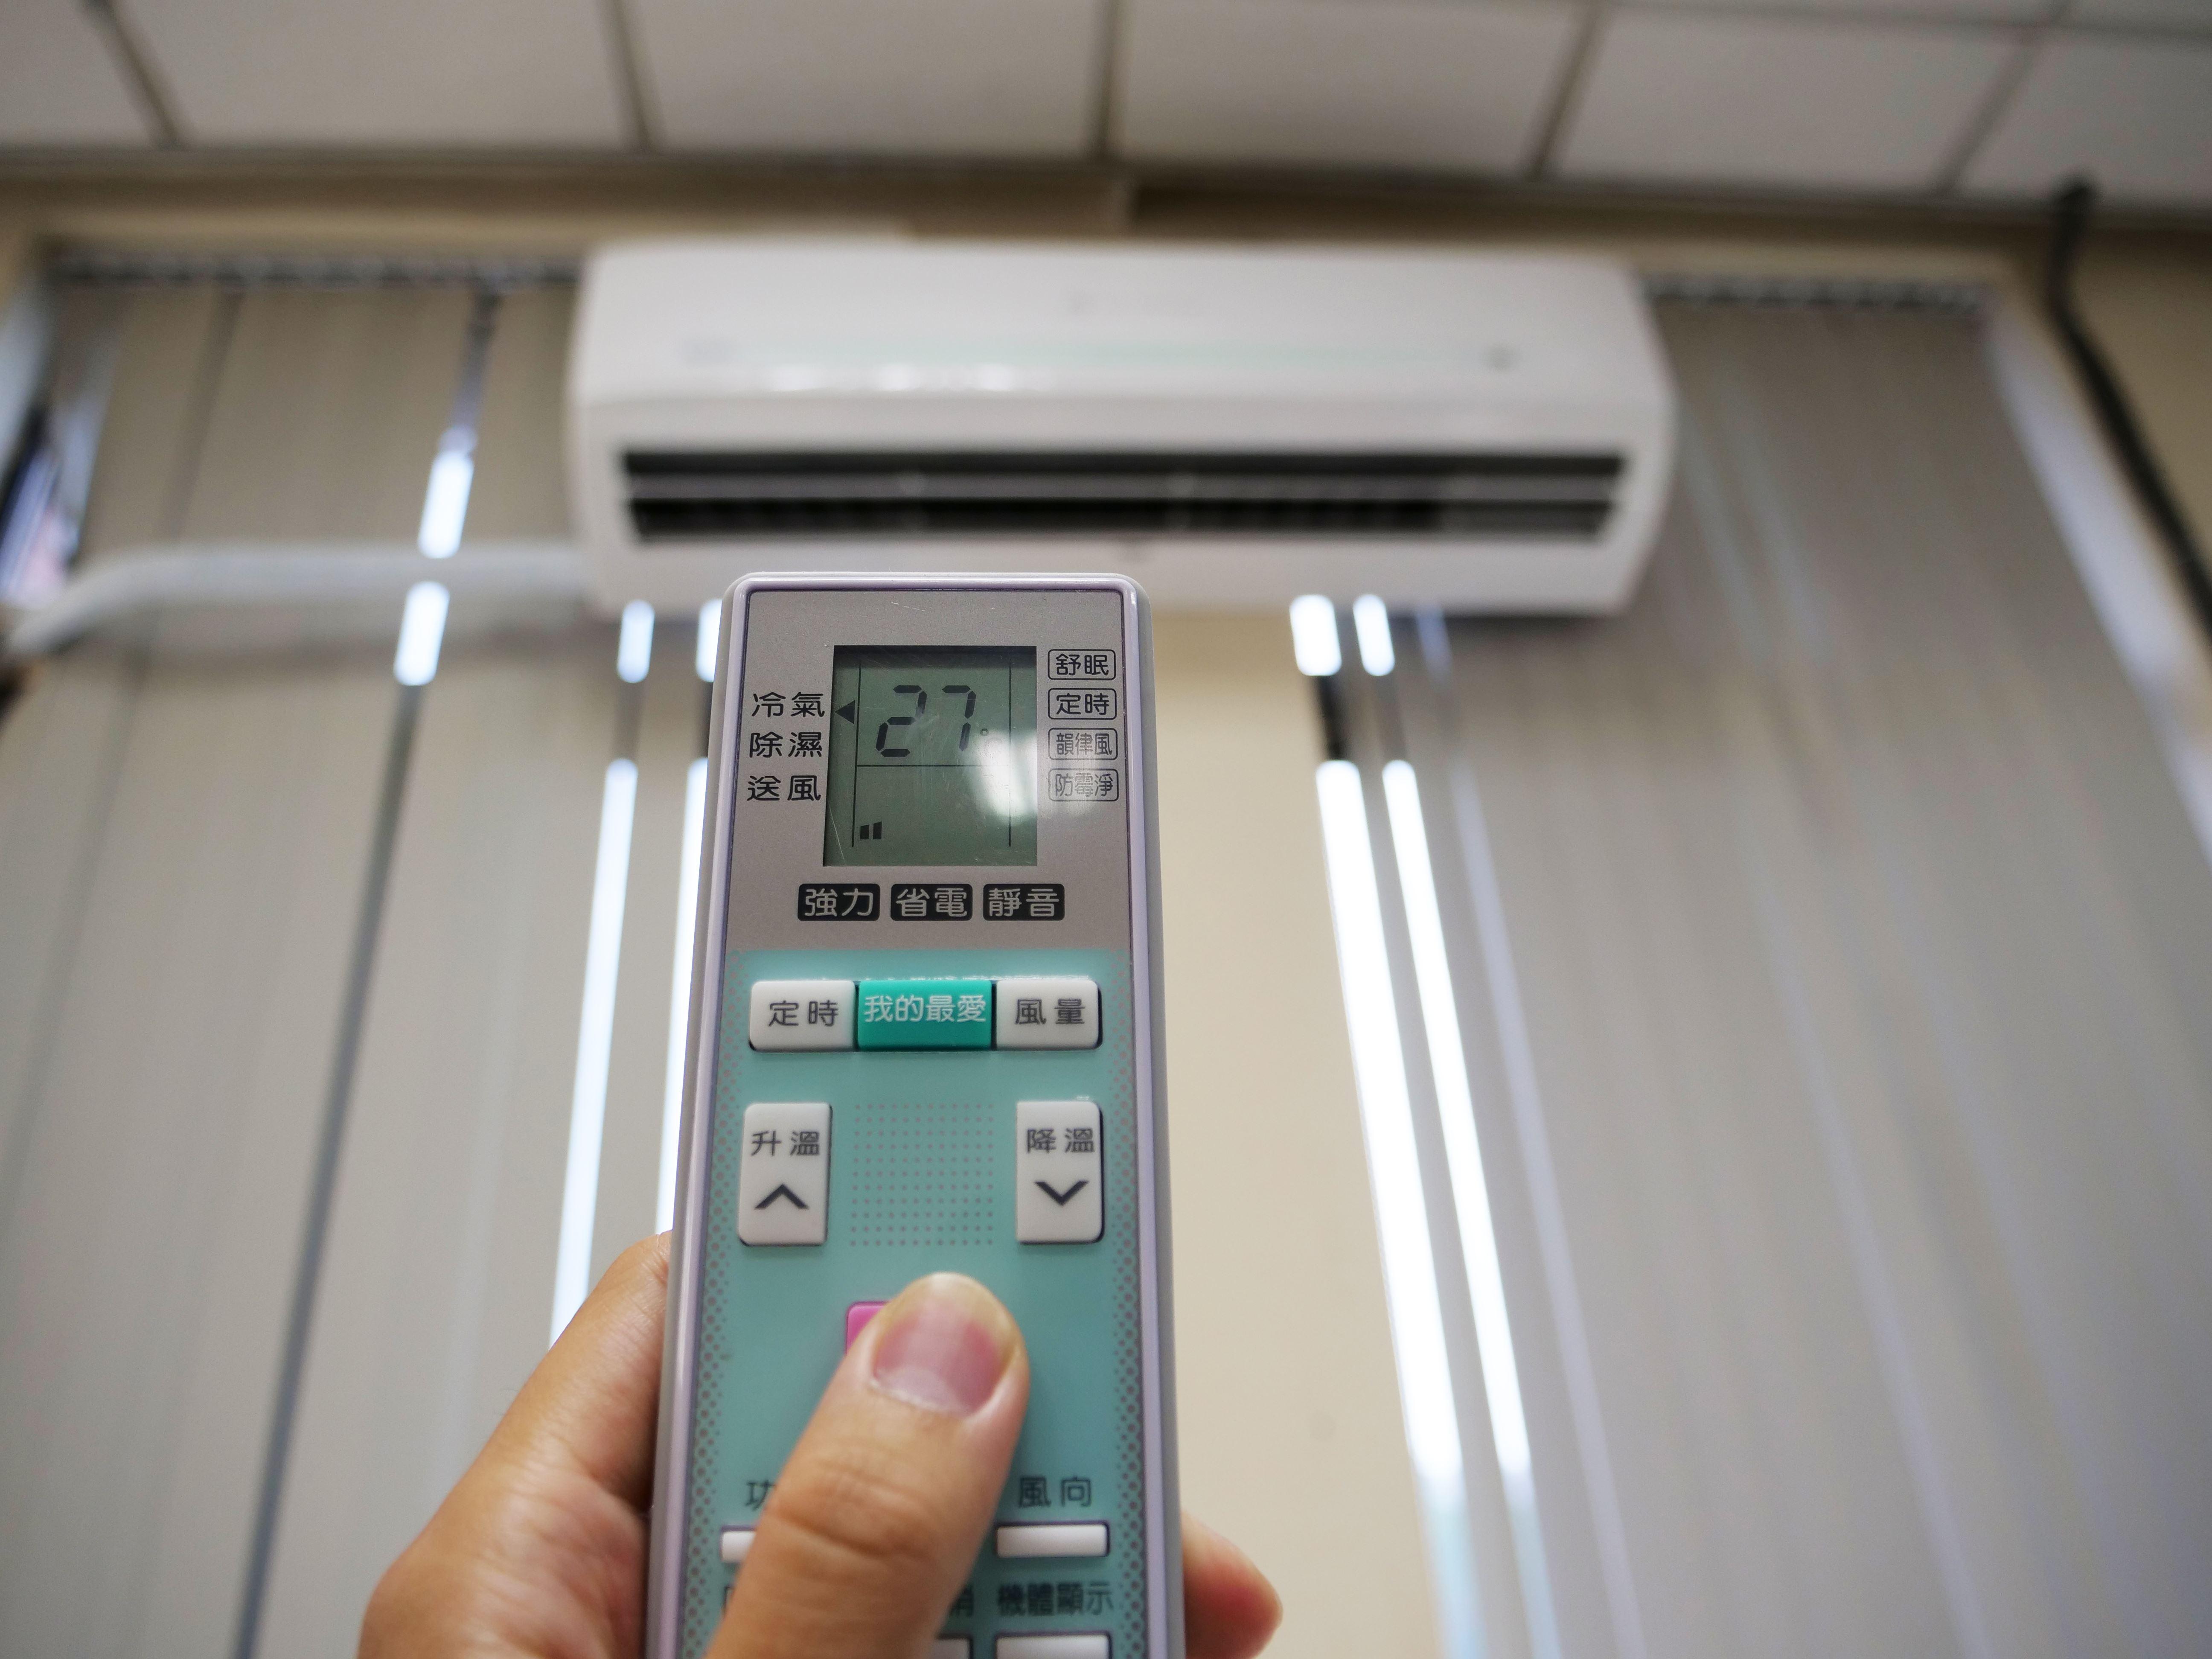 新竹縣住宅家電 (冷氣機及電冰箱)汰舊換新補助  9月23日重新開始受理